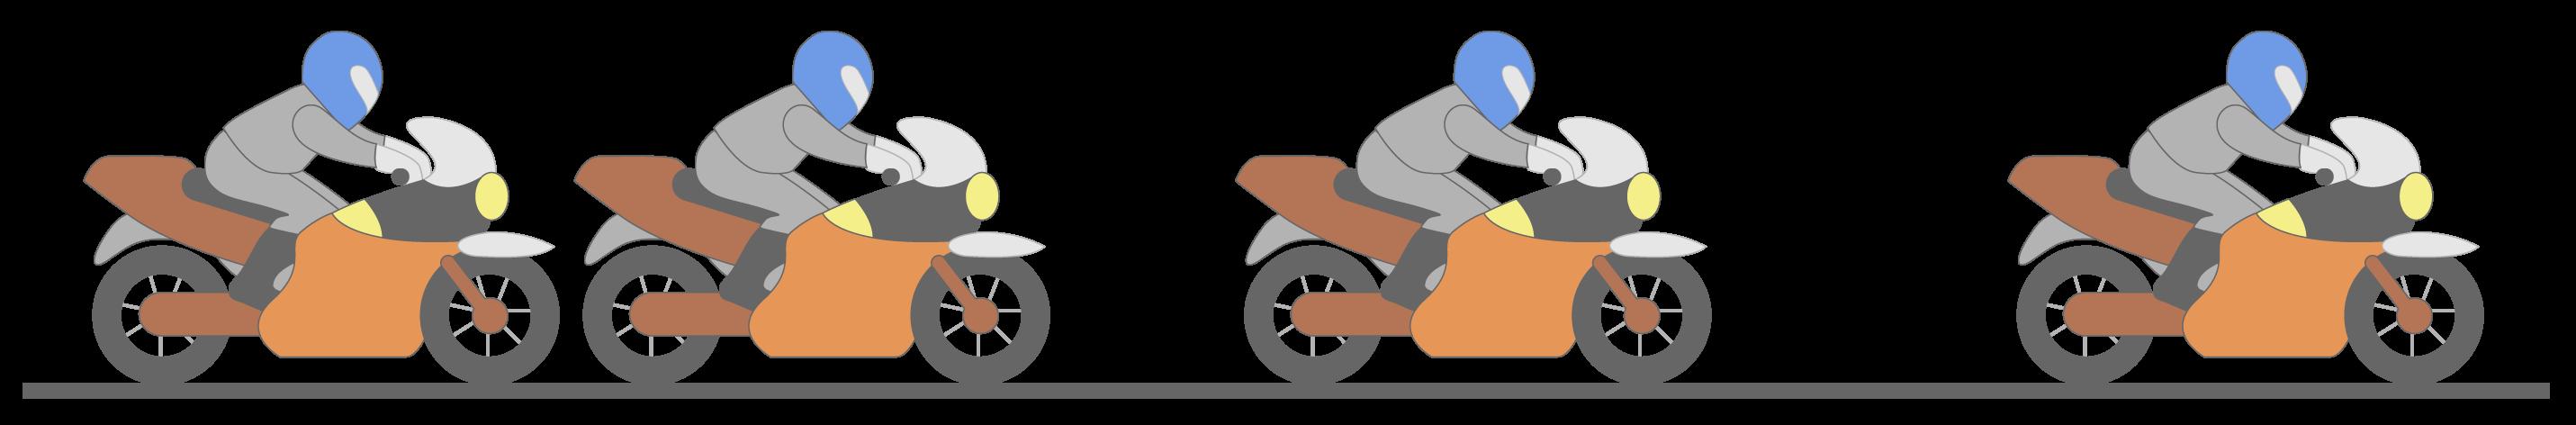 Trajectoire rectiligne d'une moto